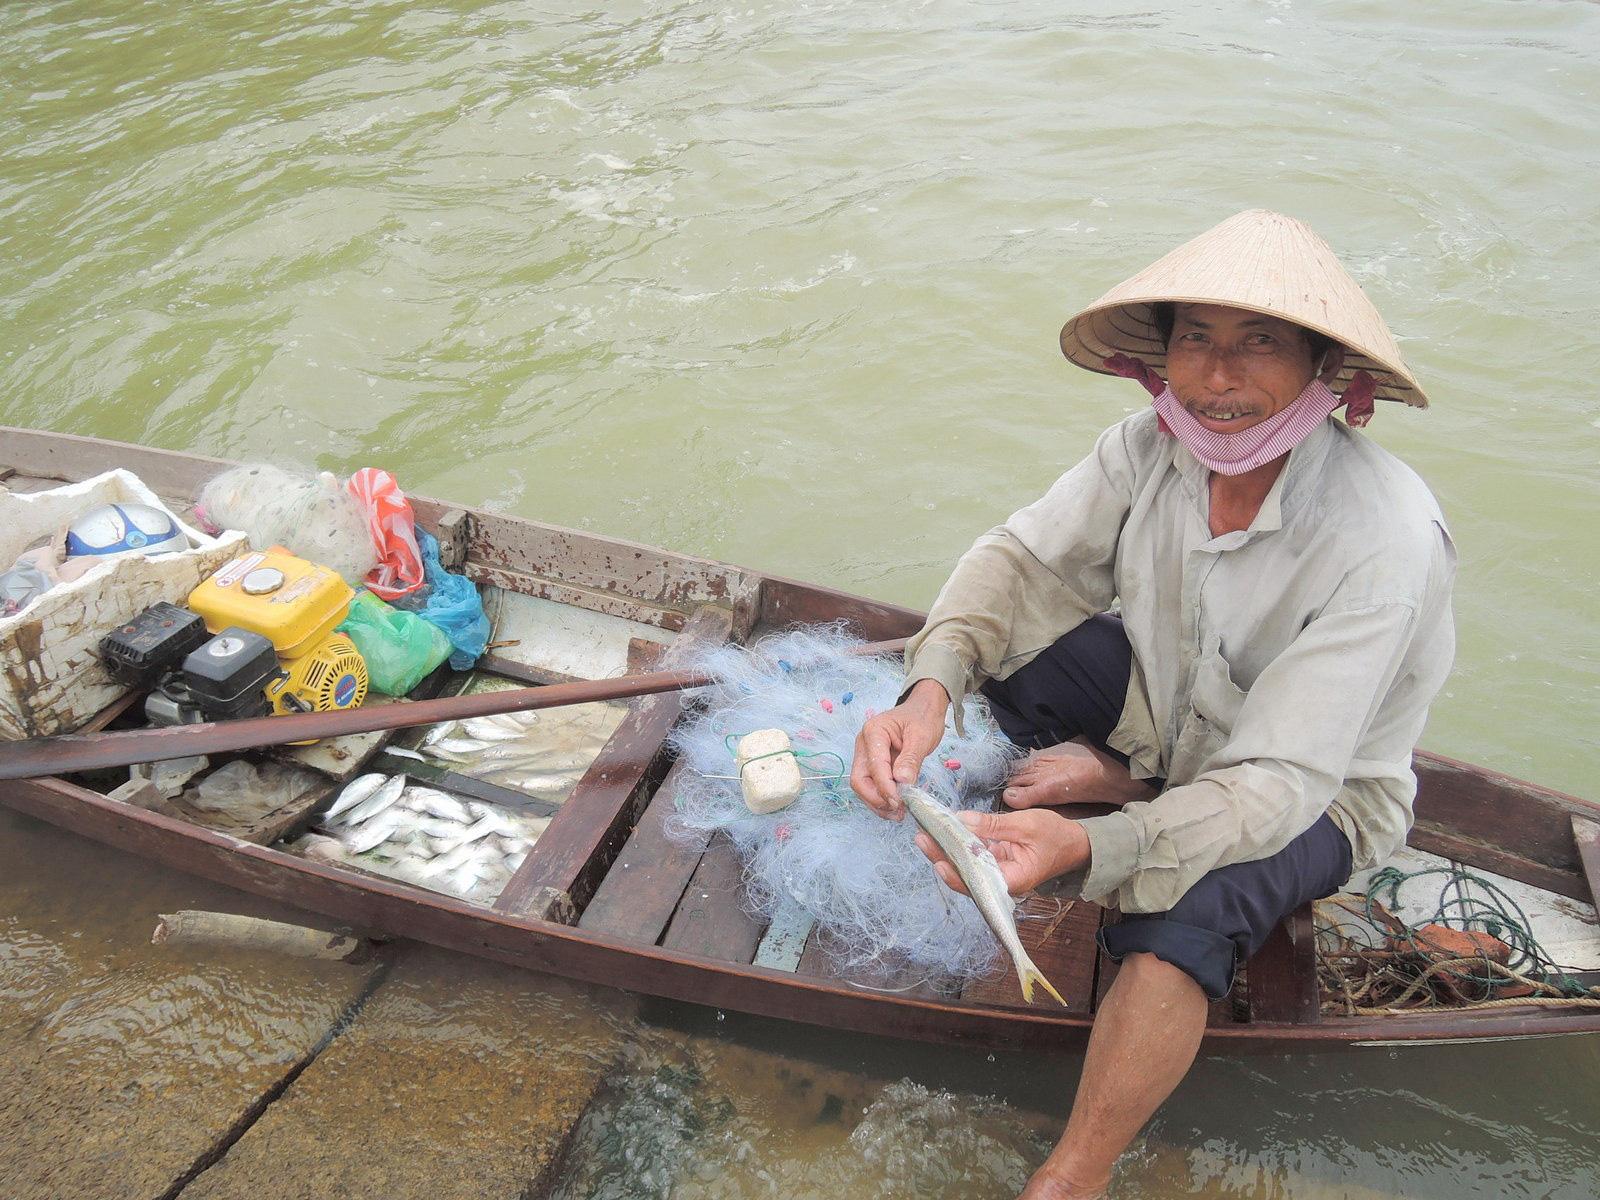 Kể chuyện làng: Tháng Giêng ăn cá mòi sông Yên - Ảnh 5.